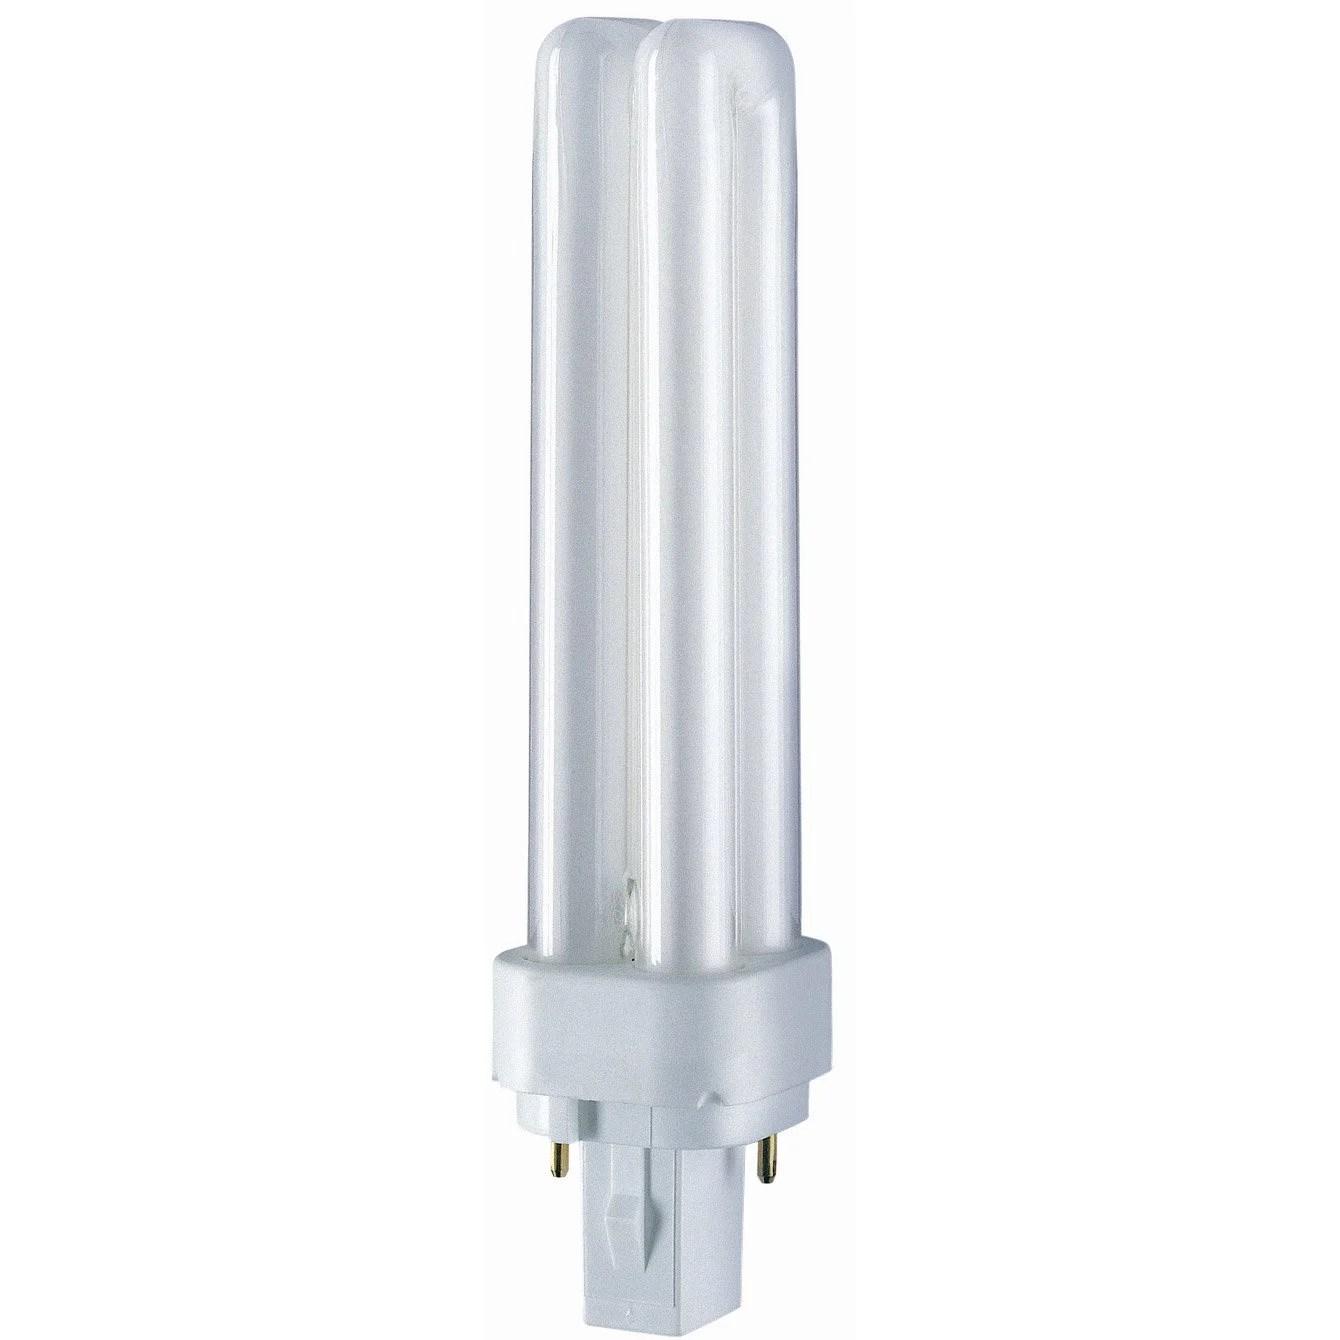 Ampoule 32v 18w Leroy Merlin